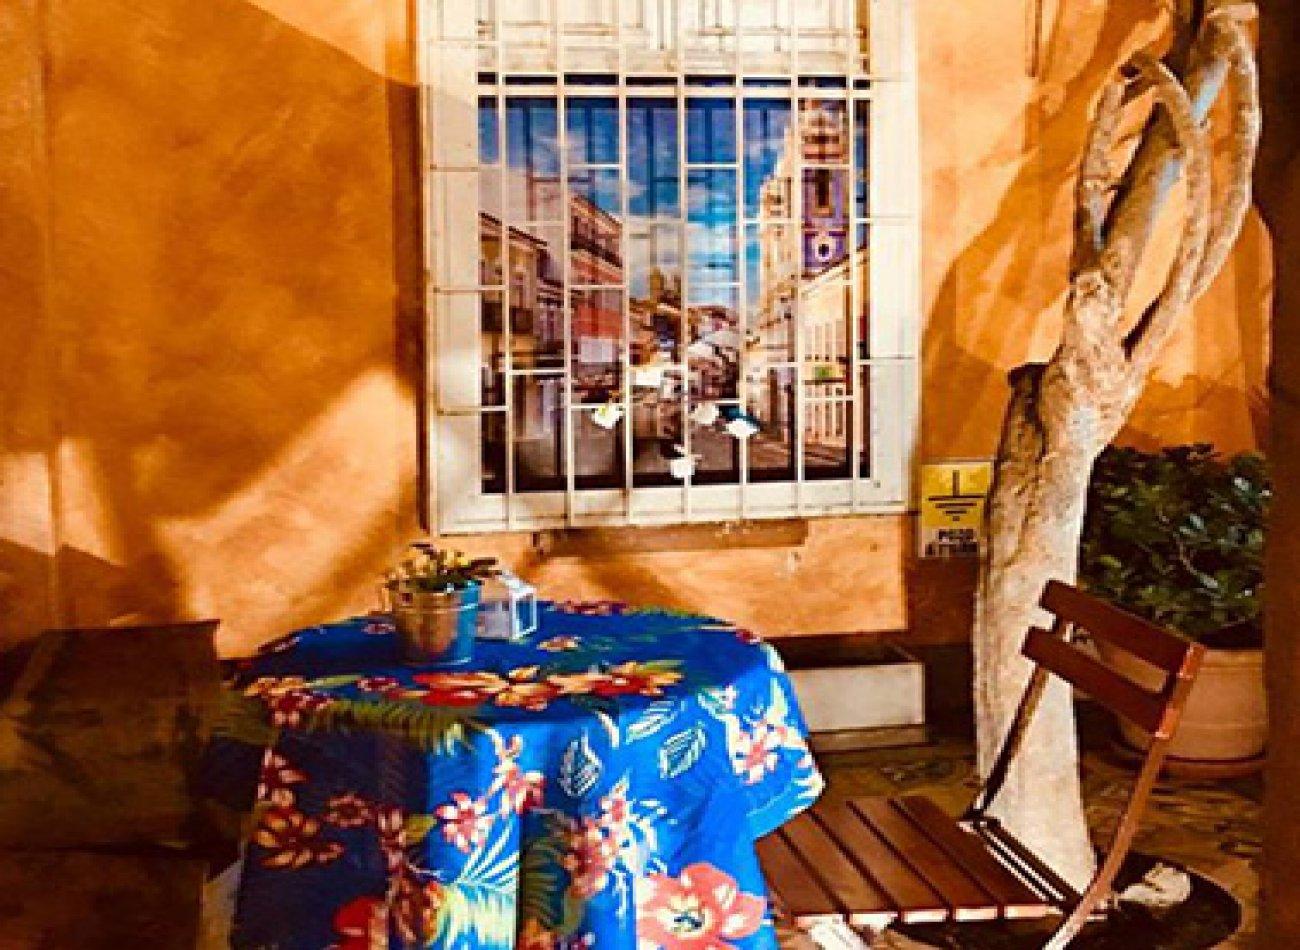 MARIA PANELA Restaurante - Reserva y Pide Delivery o Take Out en restaurantes de Comida DE AUTOR - MIRAFLORES - MESA 24/7 | LIMA - Perú